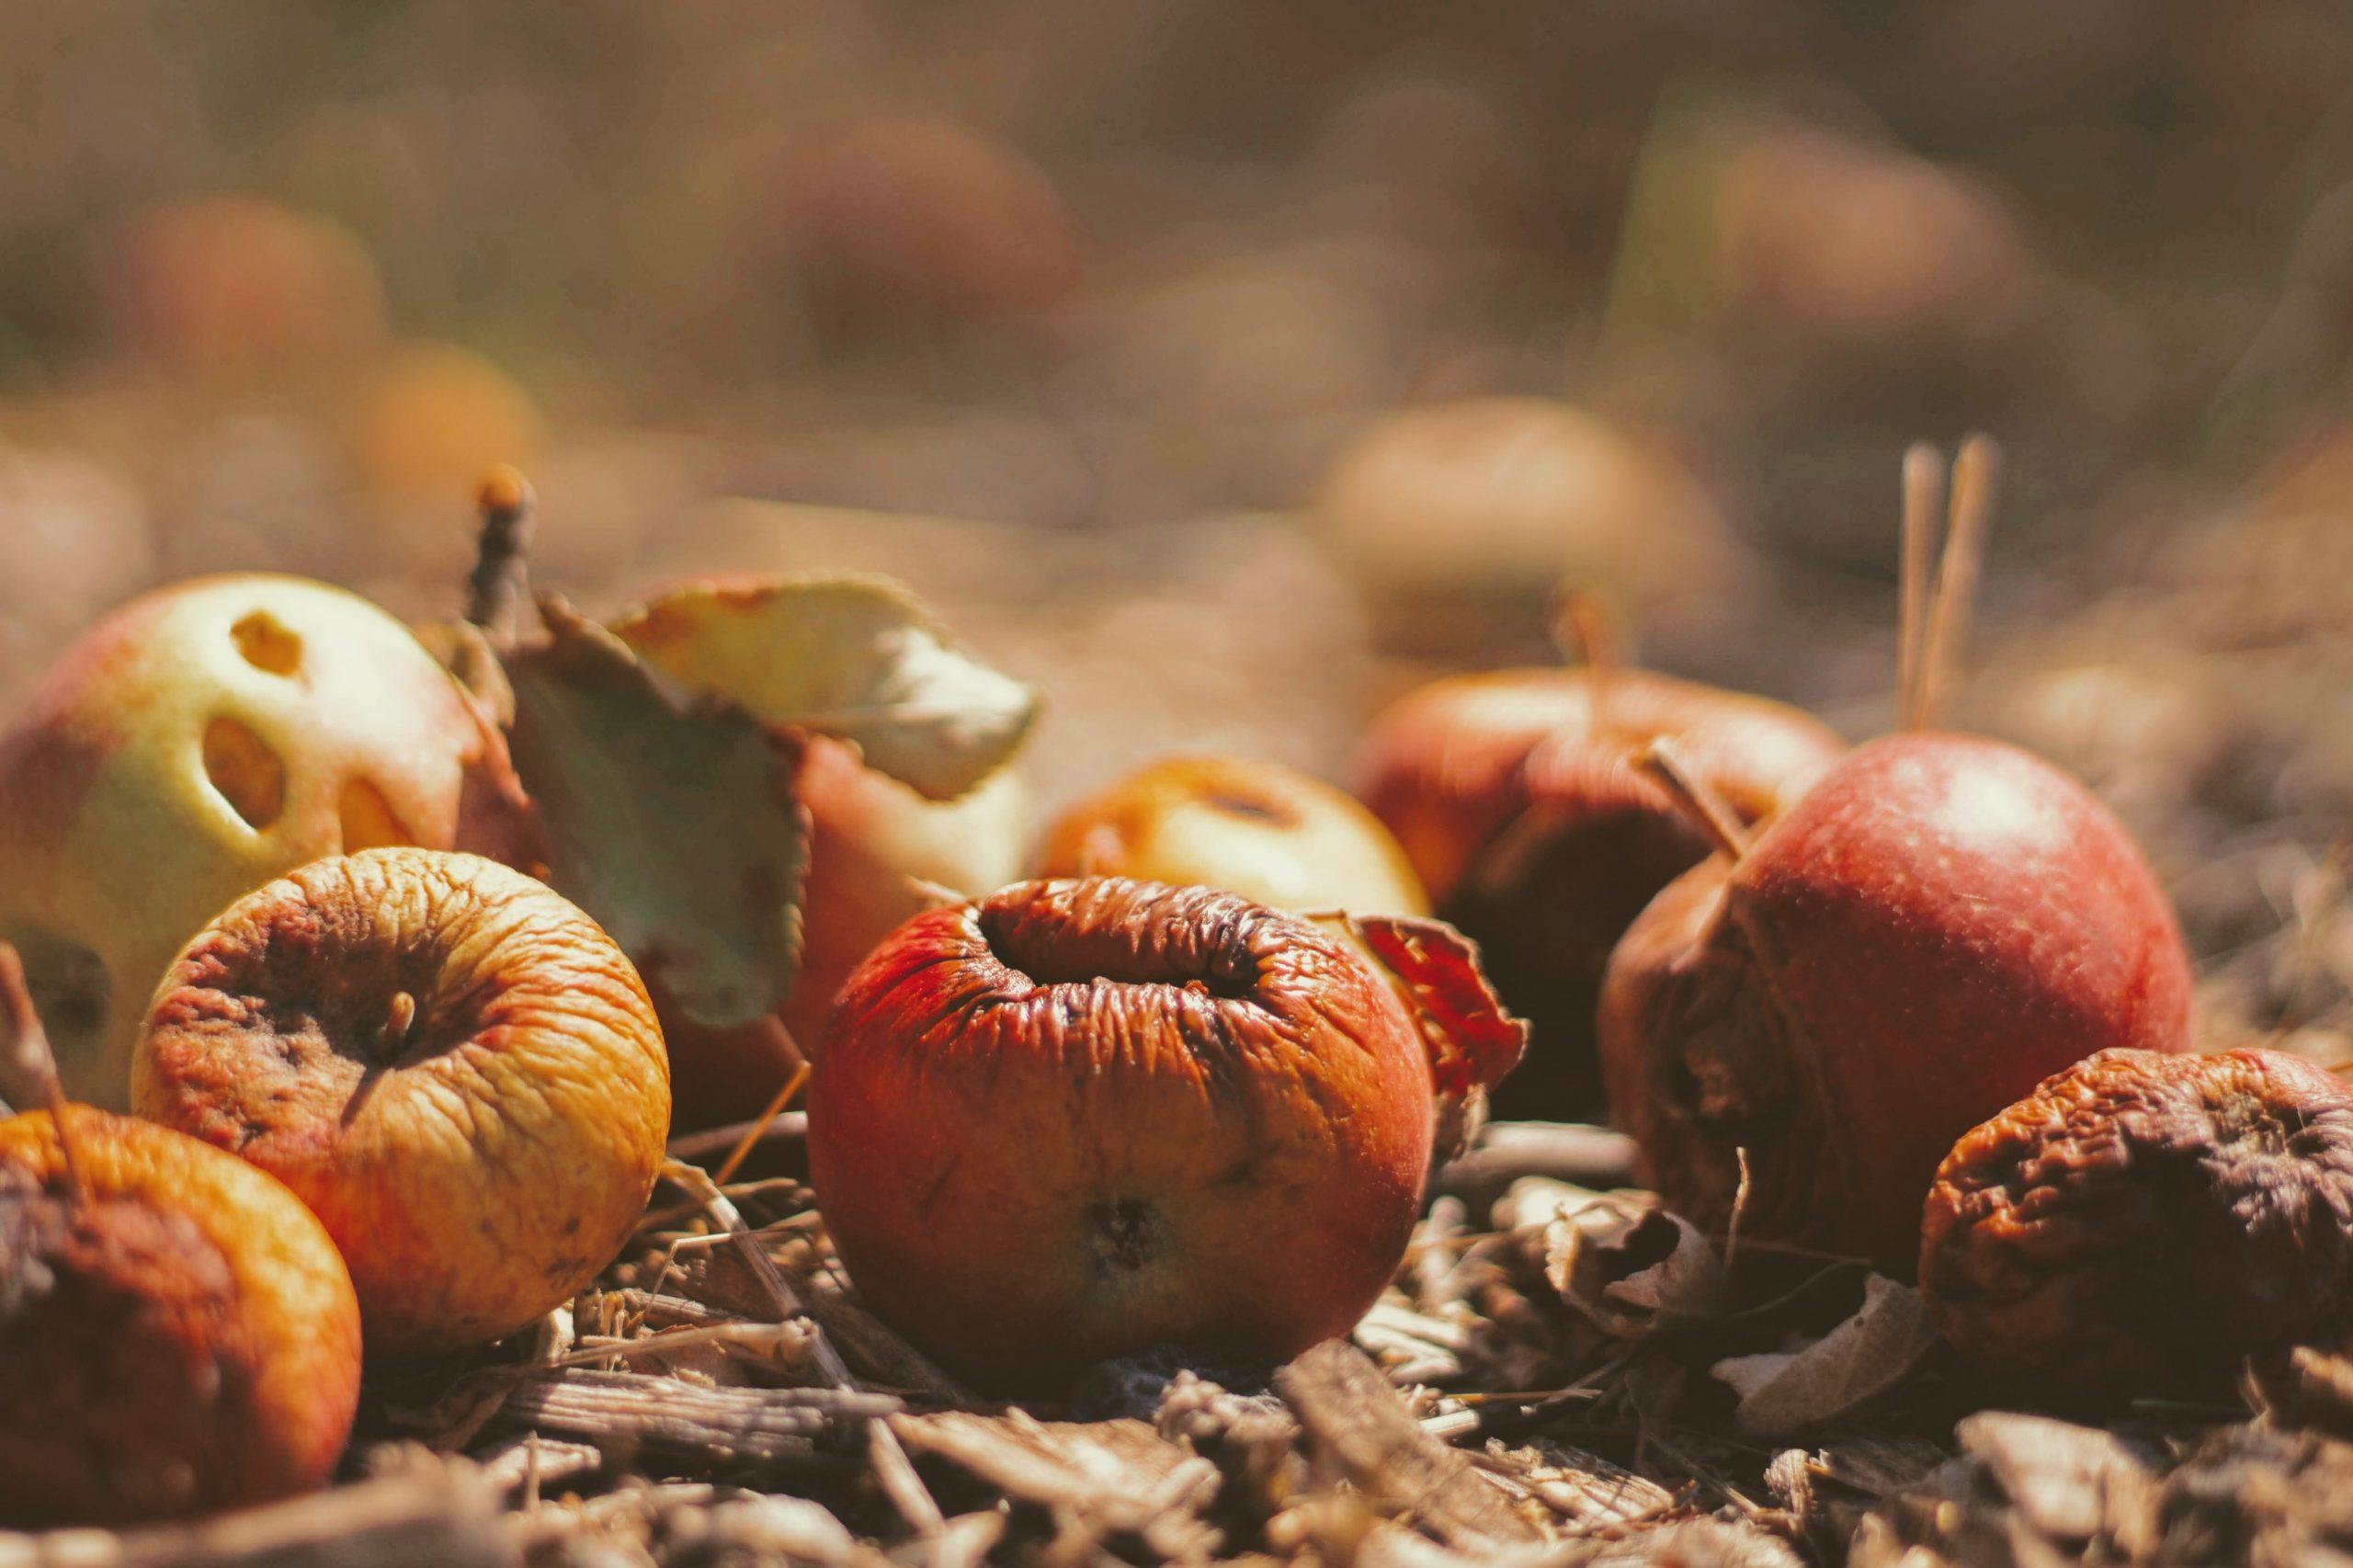 fruta podrida sobre suelo sucio que representa el desperdicio alimentario